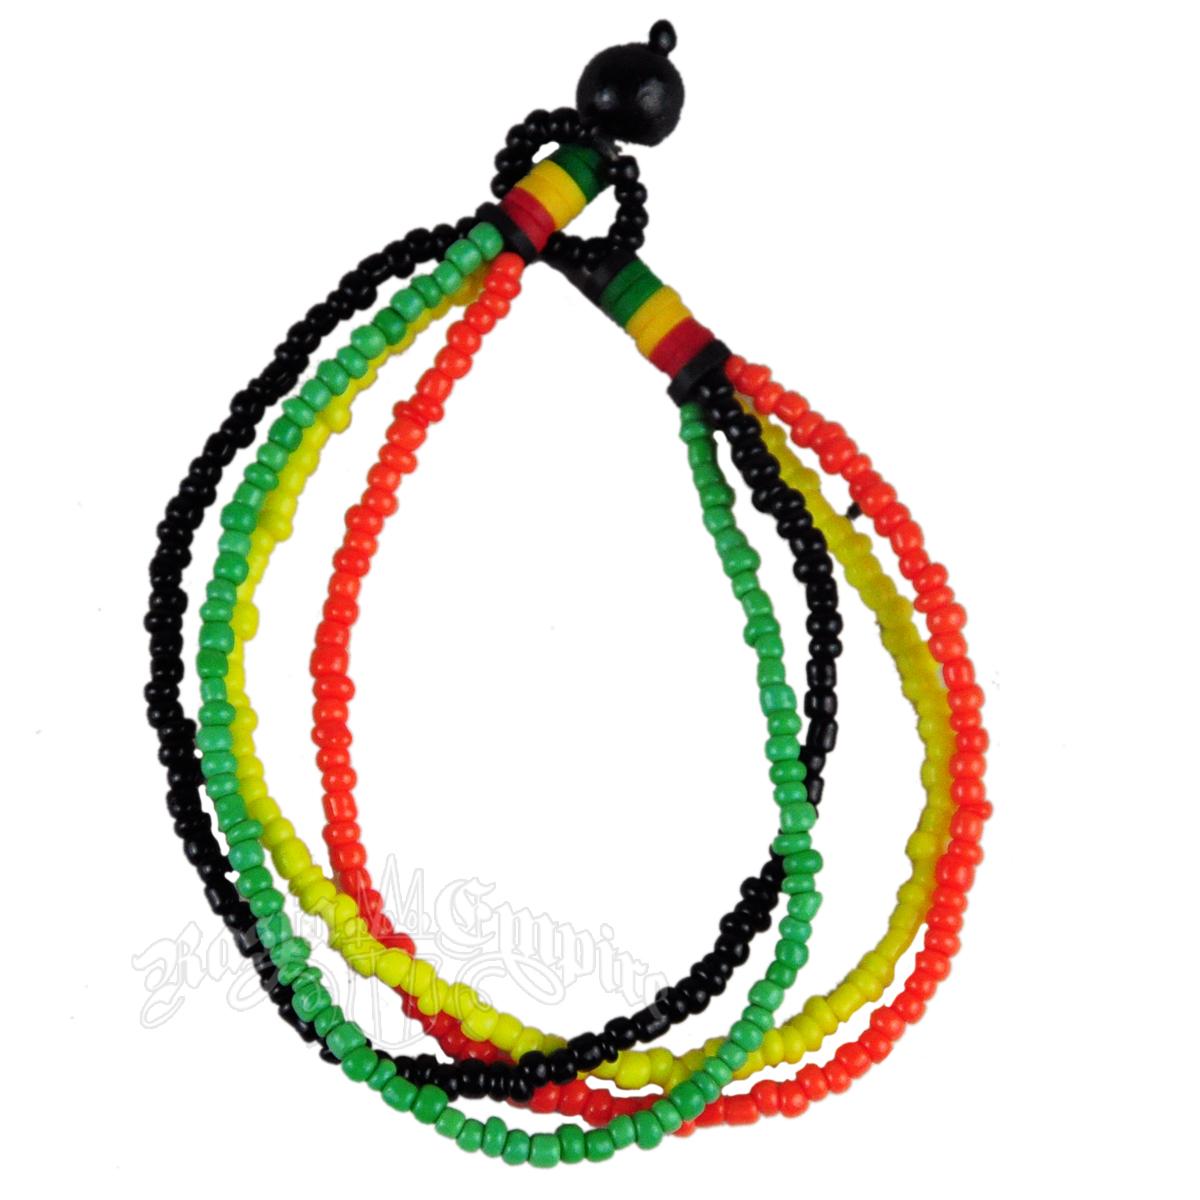 rasta strand bead bracelet rastaempire